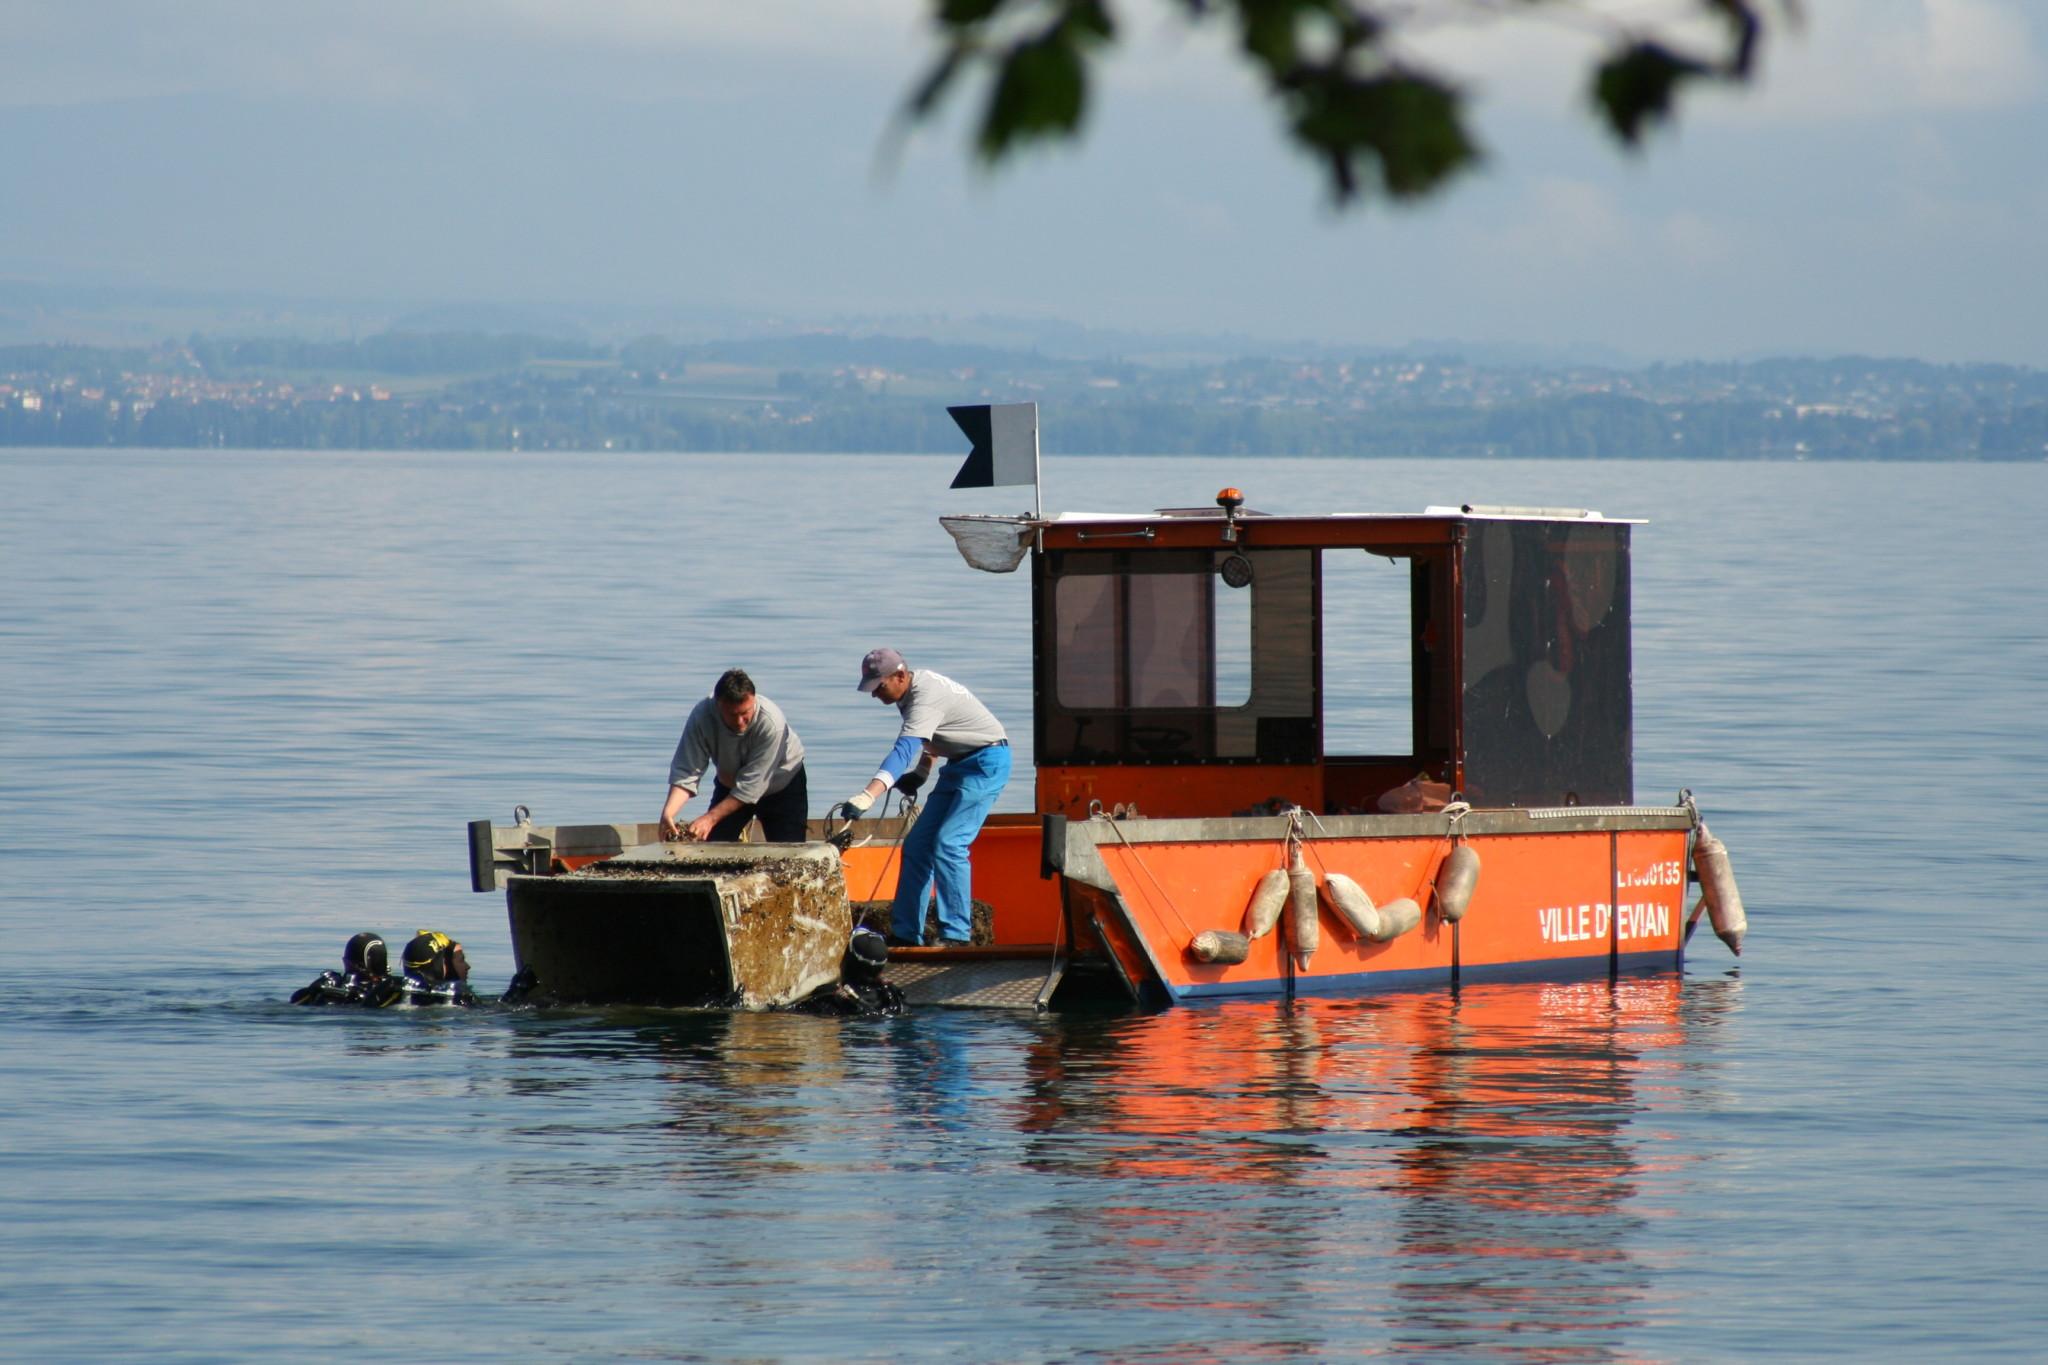 Nettoyage du lac Léman avec la ville d'Evian